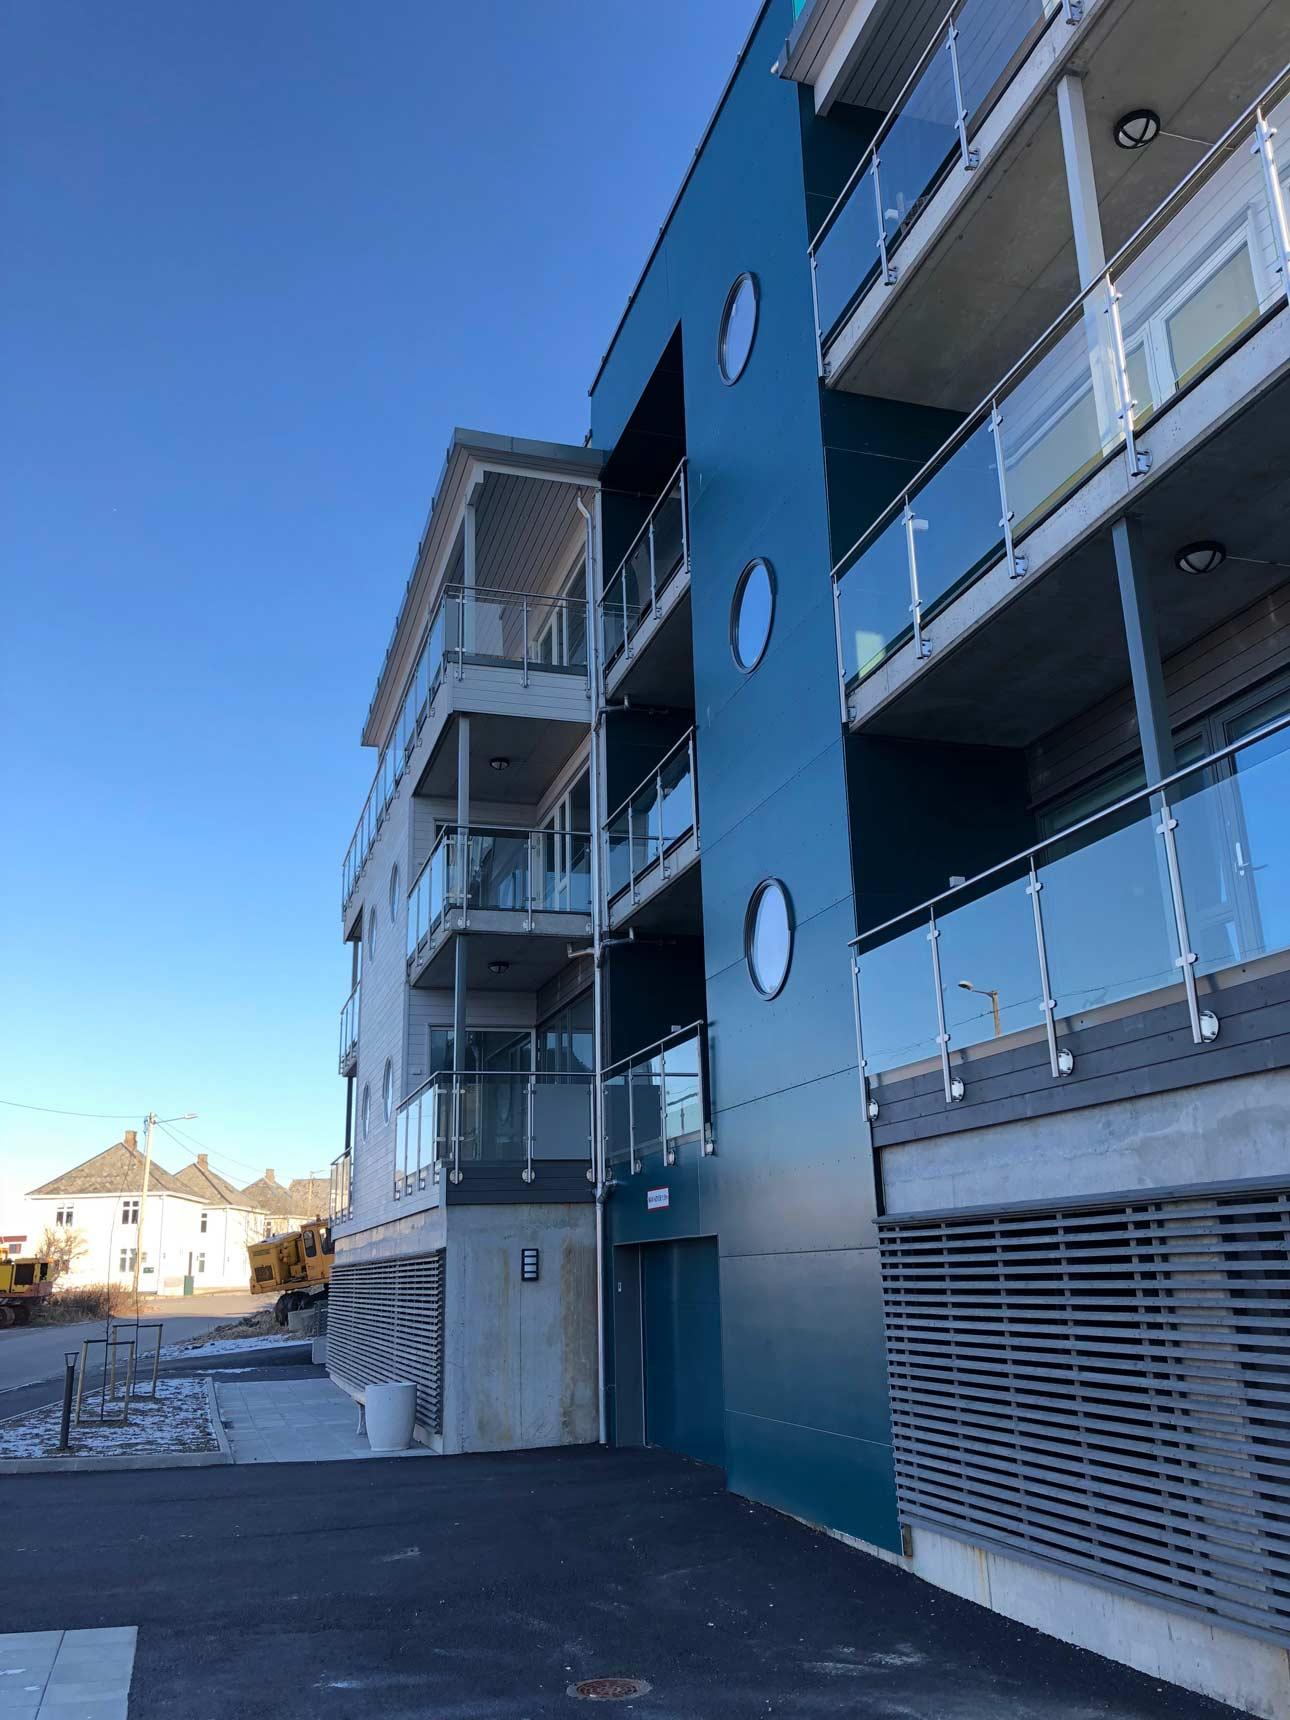 arkitekt_kolstø_hasseløy_3_leilighetsbygg.jpg